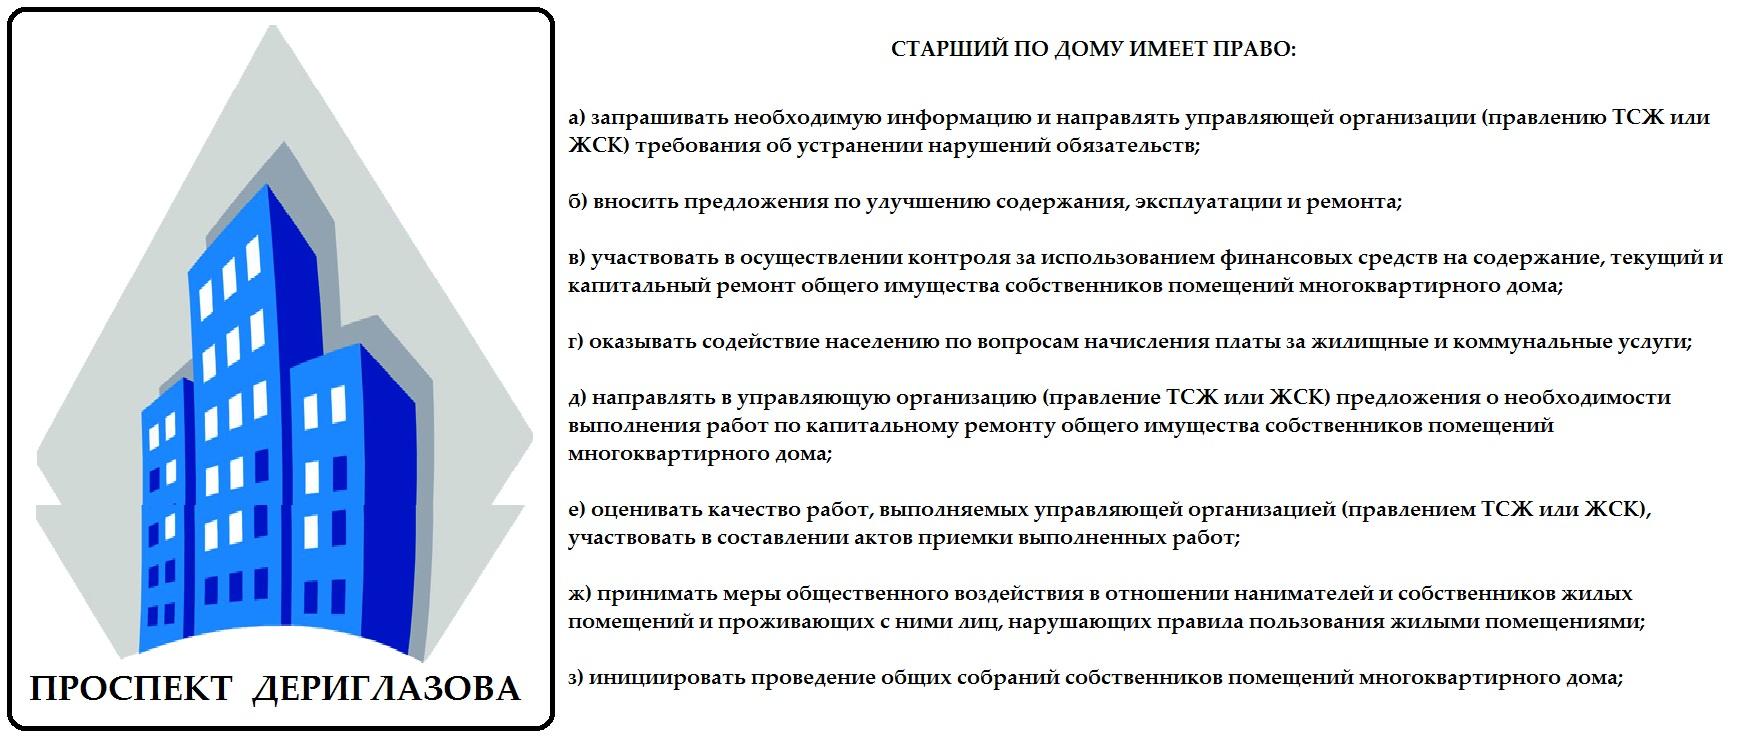 Жкх: это управляющая компания, как ее расшифровать, что входит в сферу деятельности органа местного самоуправления, кто относится к поставщикам услуг предприятия